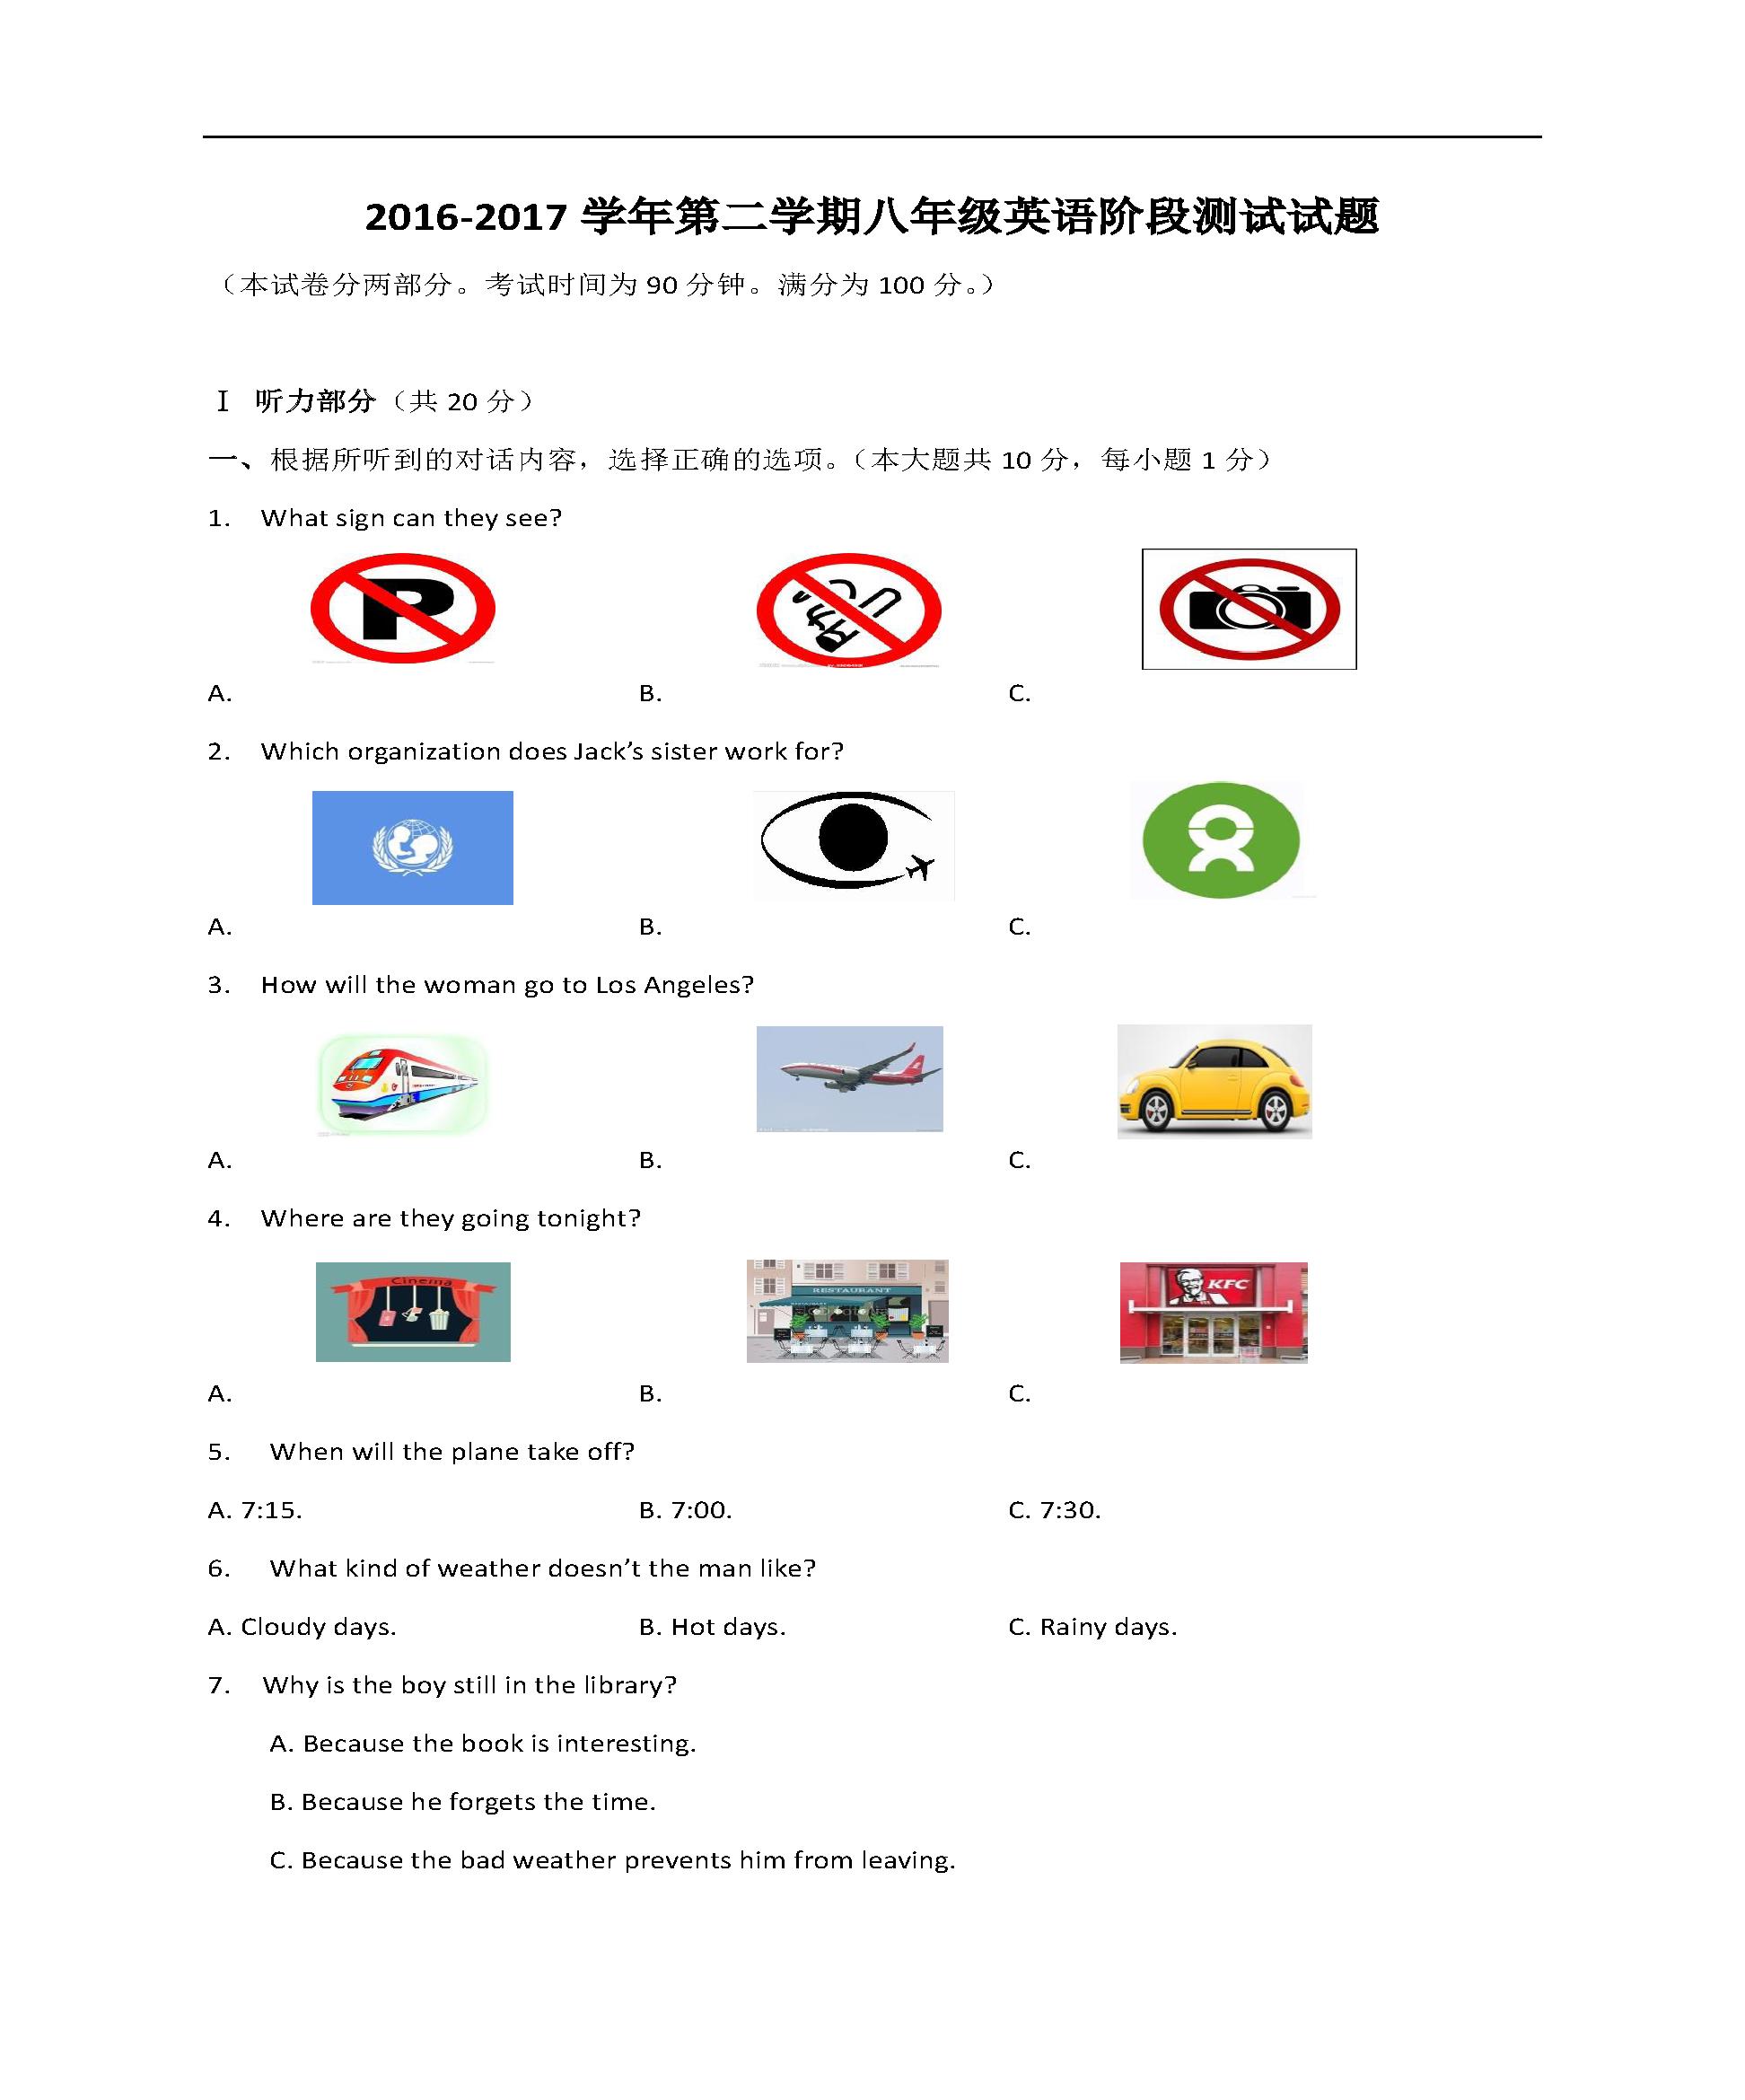 江苏江阴2016-2017学年八年级下第二次月考英语试题(Word版)